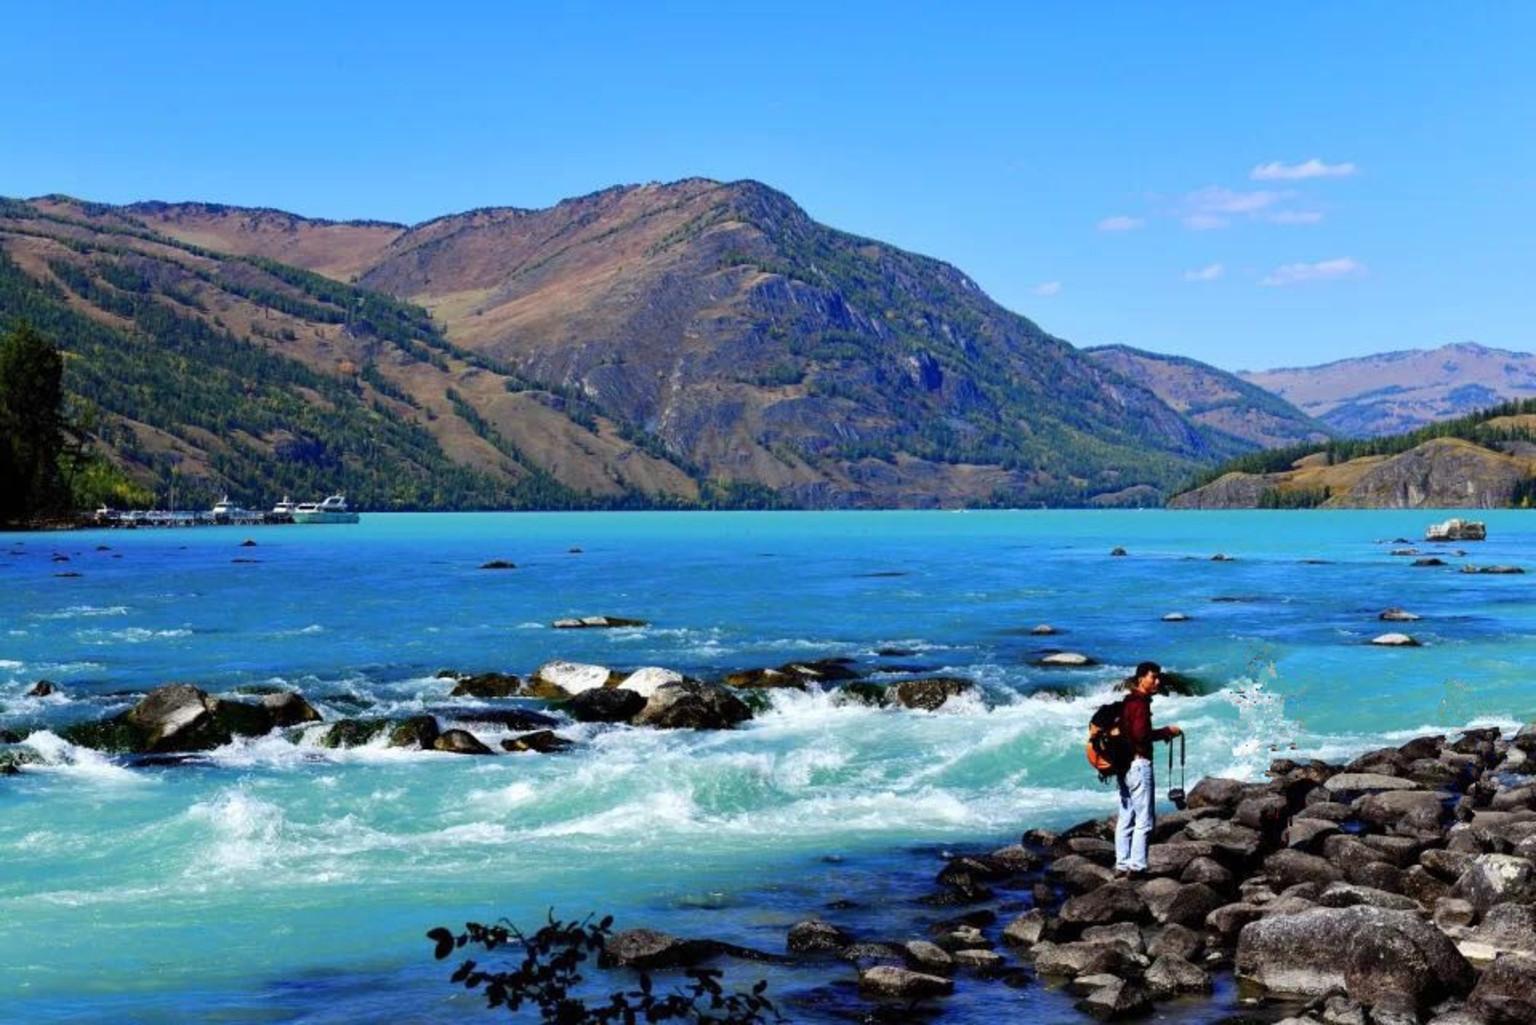 美丽的新疆我们来啦 上篇 游可可托海 五彩滩 喀纳斯